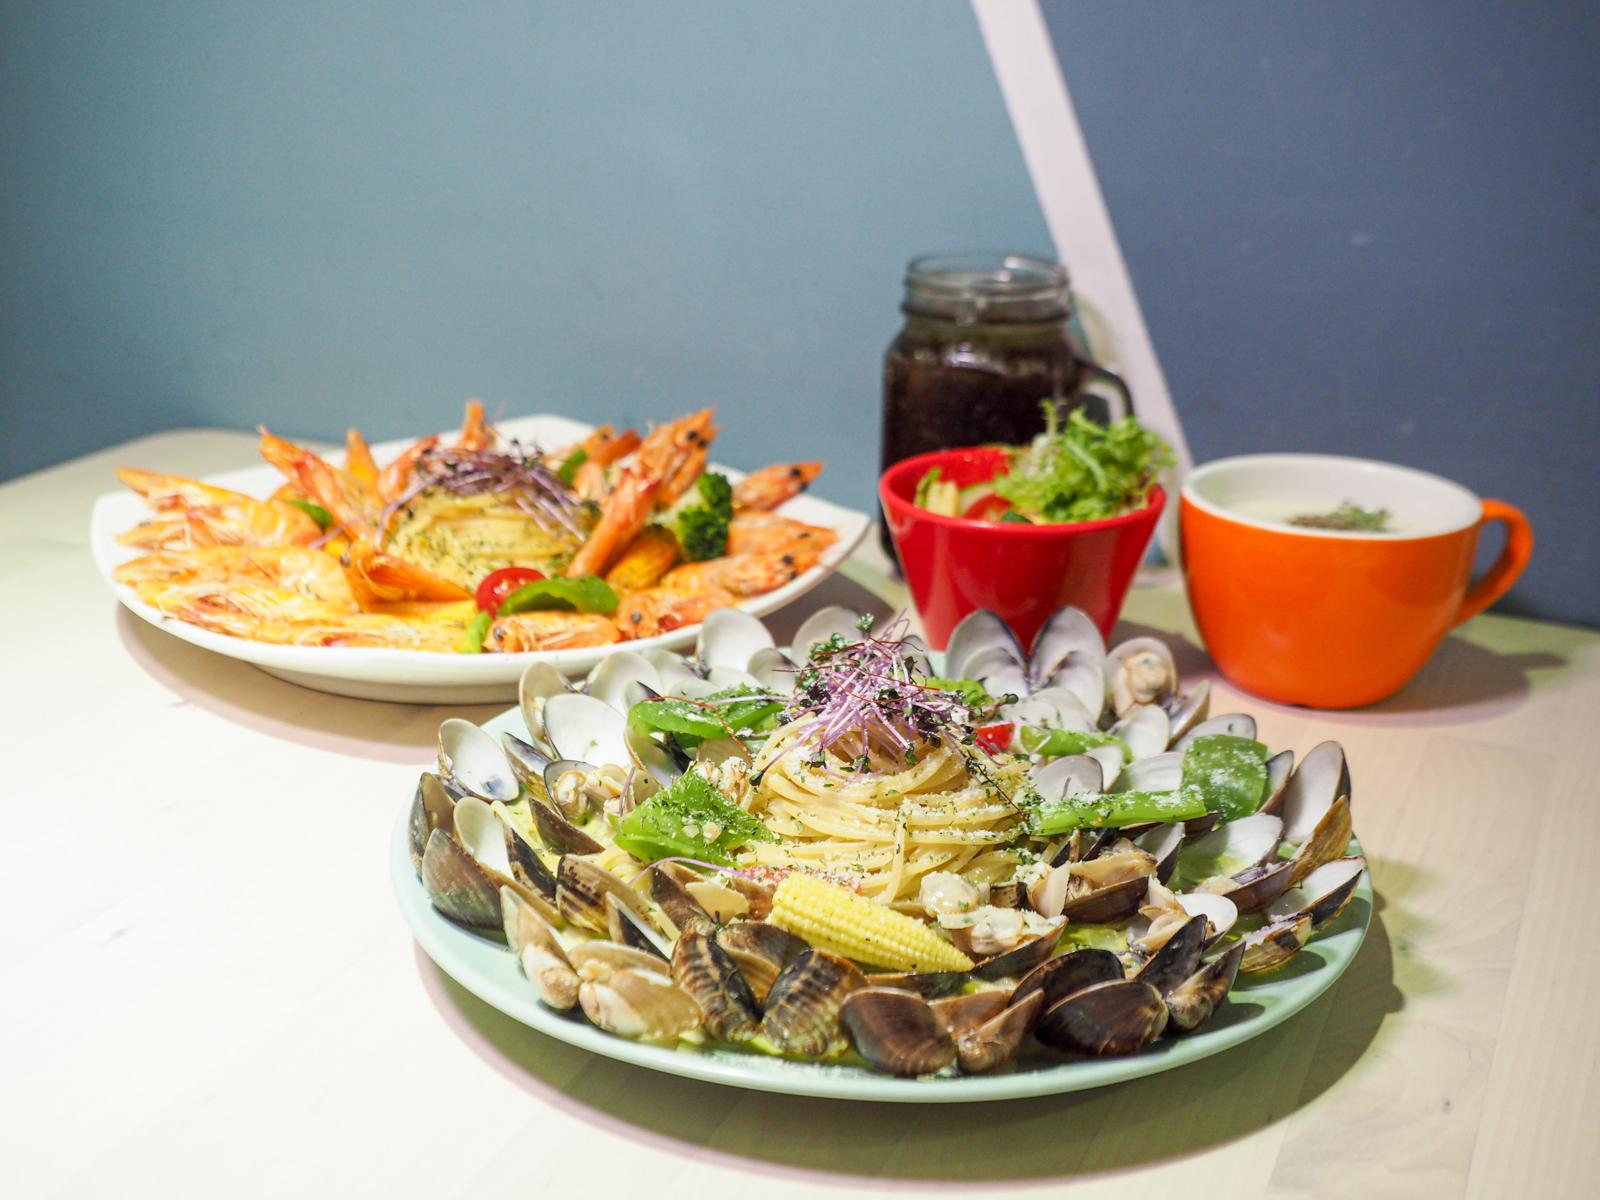 【西門美食】西門顛倒餐廳 多達五十顆蛤蜊的痛風義大利麵有夠狂 痛風蝦蝦也很浮誇!